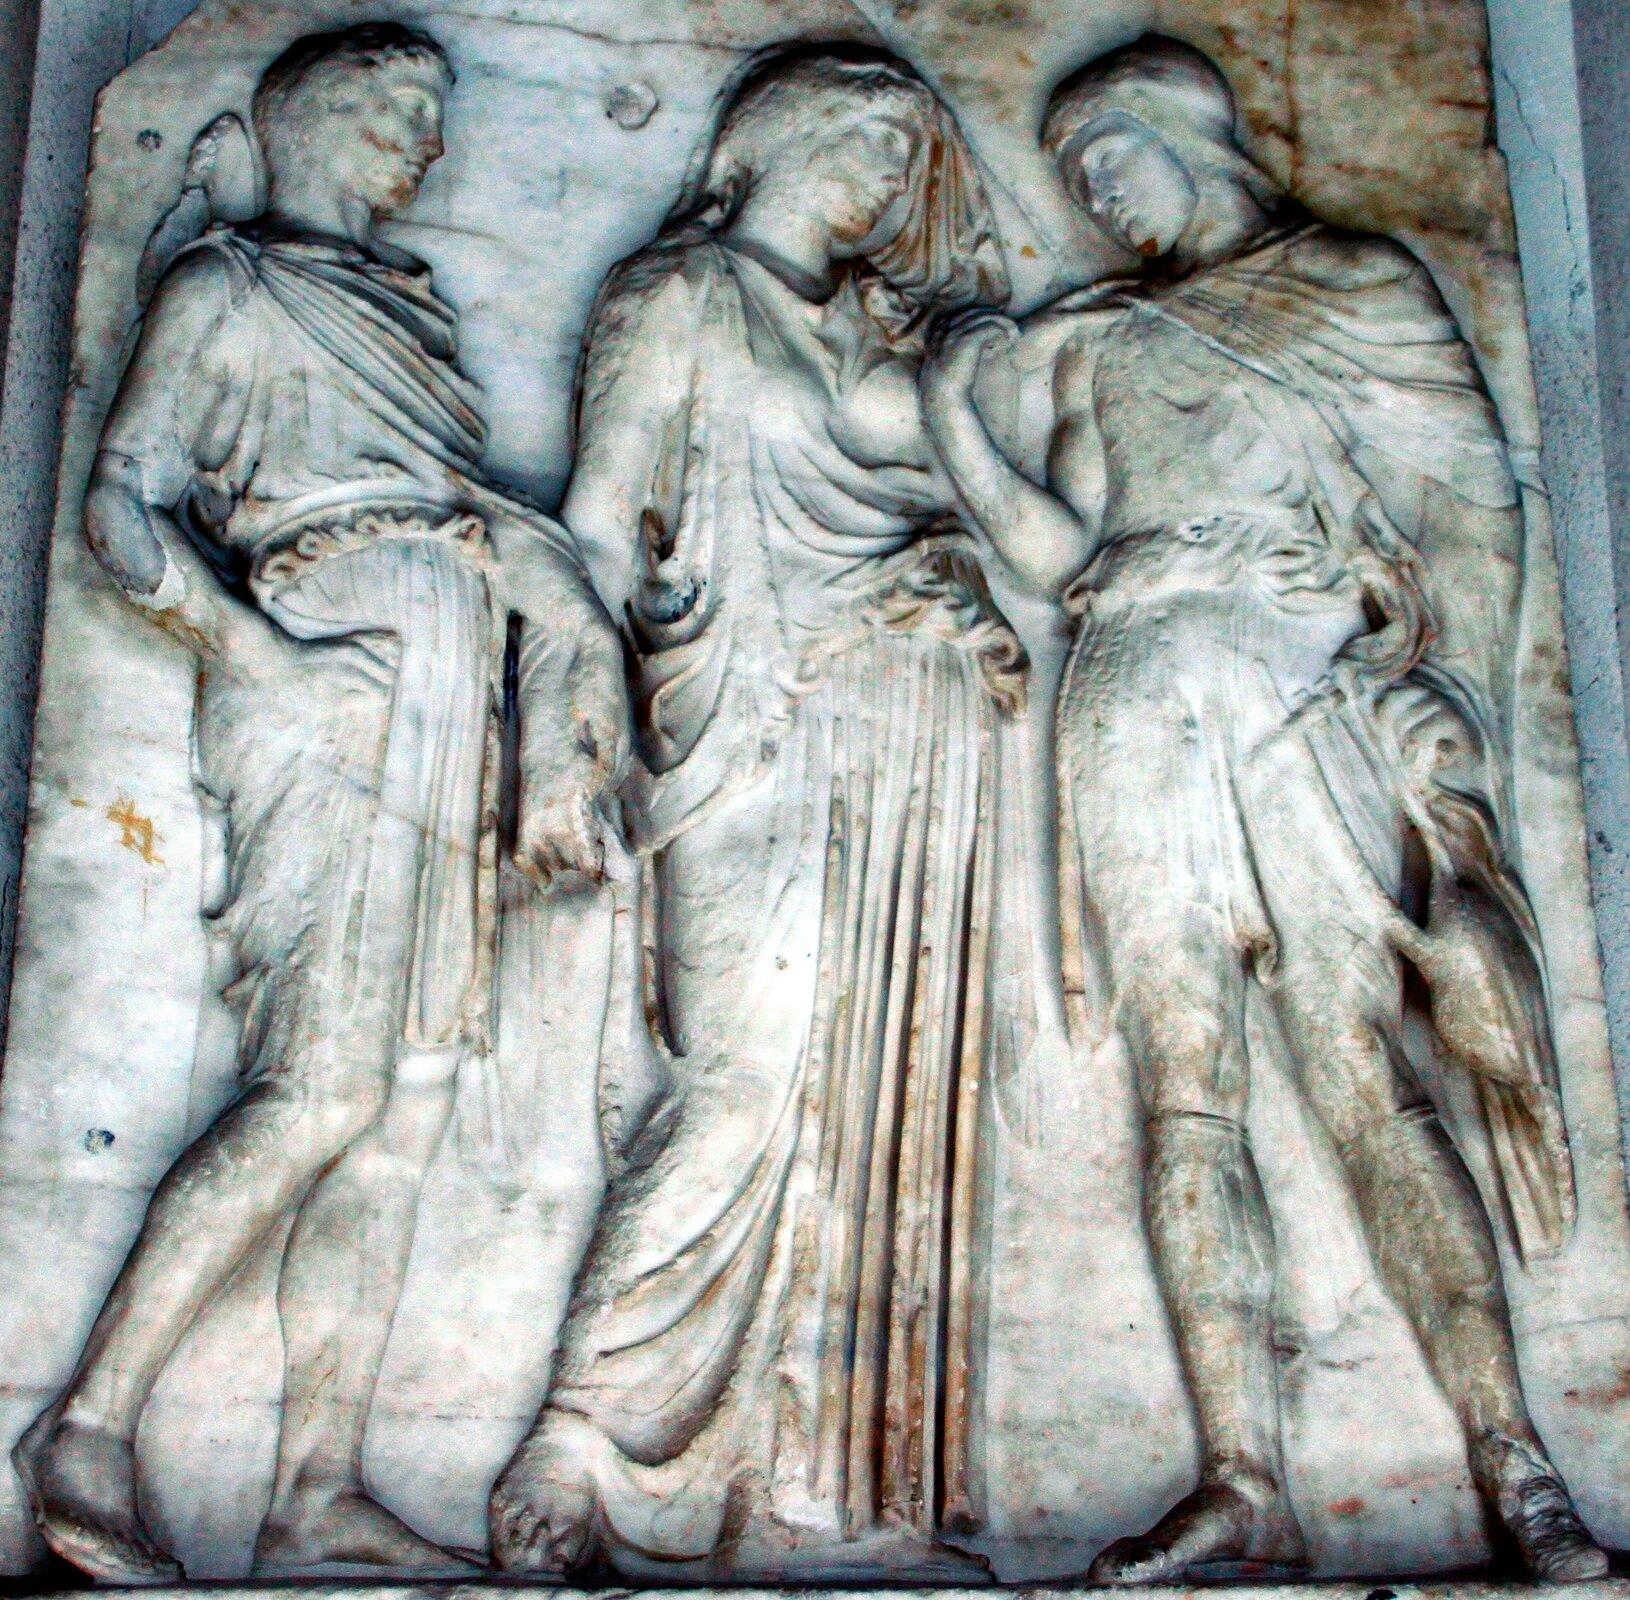 Płaskorzeźba przedstawiająca Orfeusza, który ogląda się na Eurydykę, kiedy Hermes zabiera ją zpowrotem do krainy cieni Płaskorzeźba przedstawiająca Orfeusza, który ogląda się na Eurydykę, kiedy Hermes zabiera ją zpowrotem do krainy cieni Źródło: płaskorzeźba, domena publiczna.